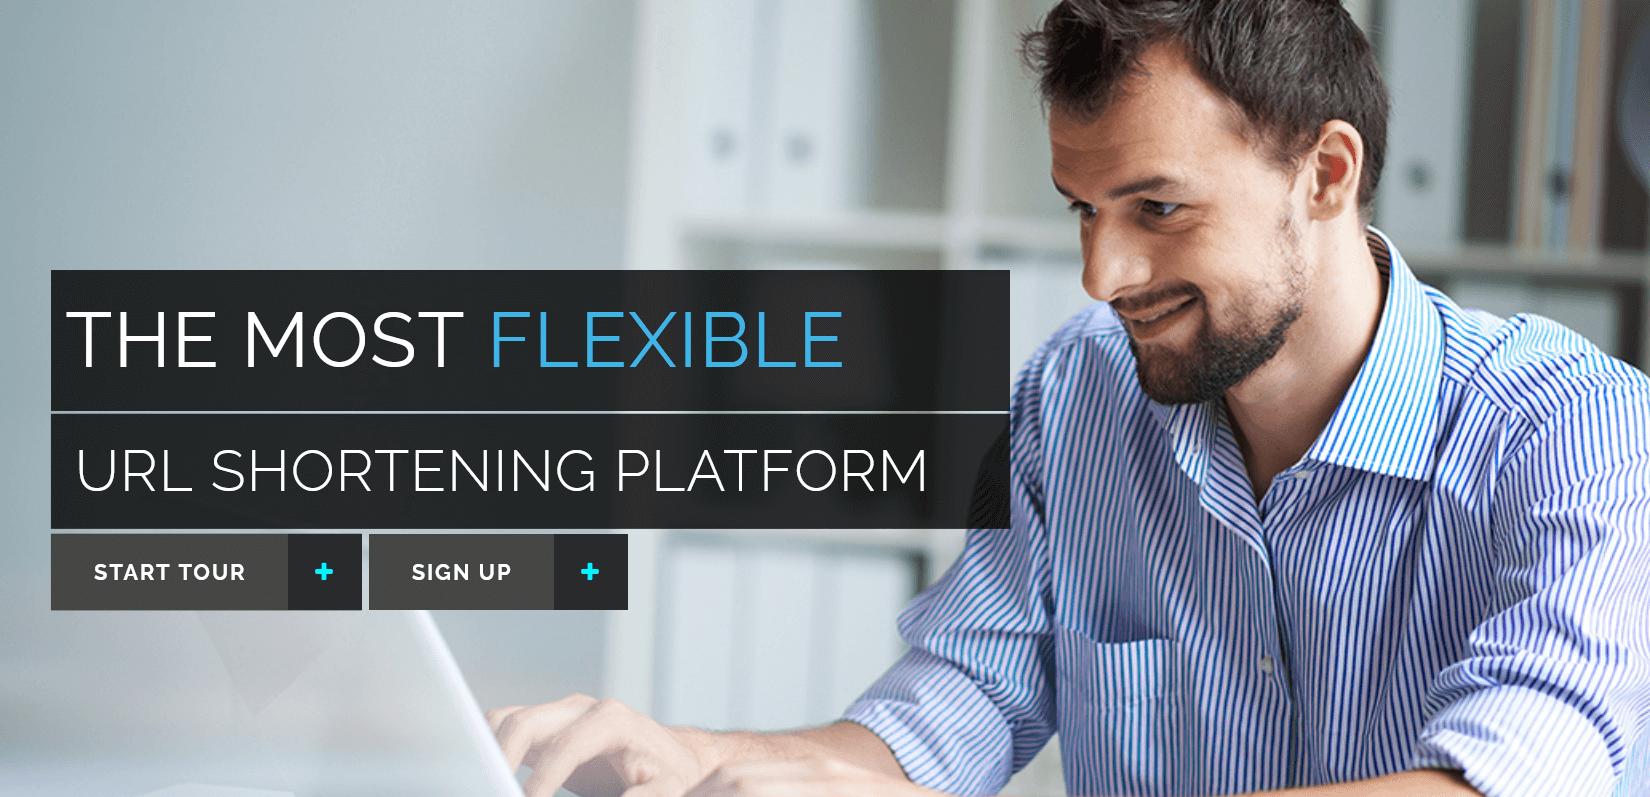 URL Shortening Platform